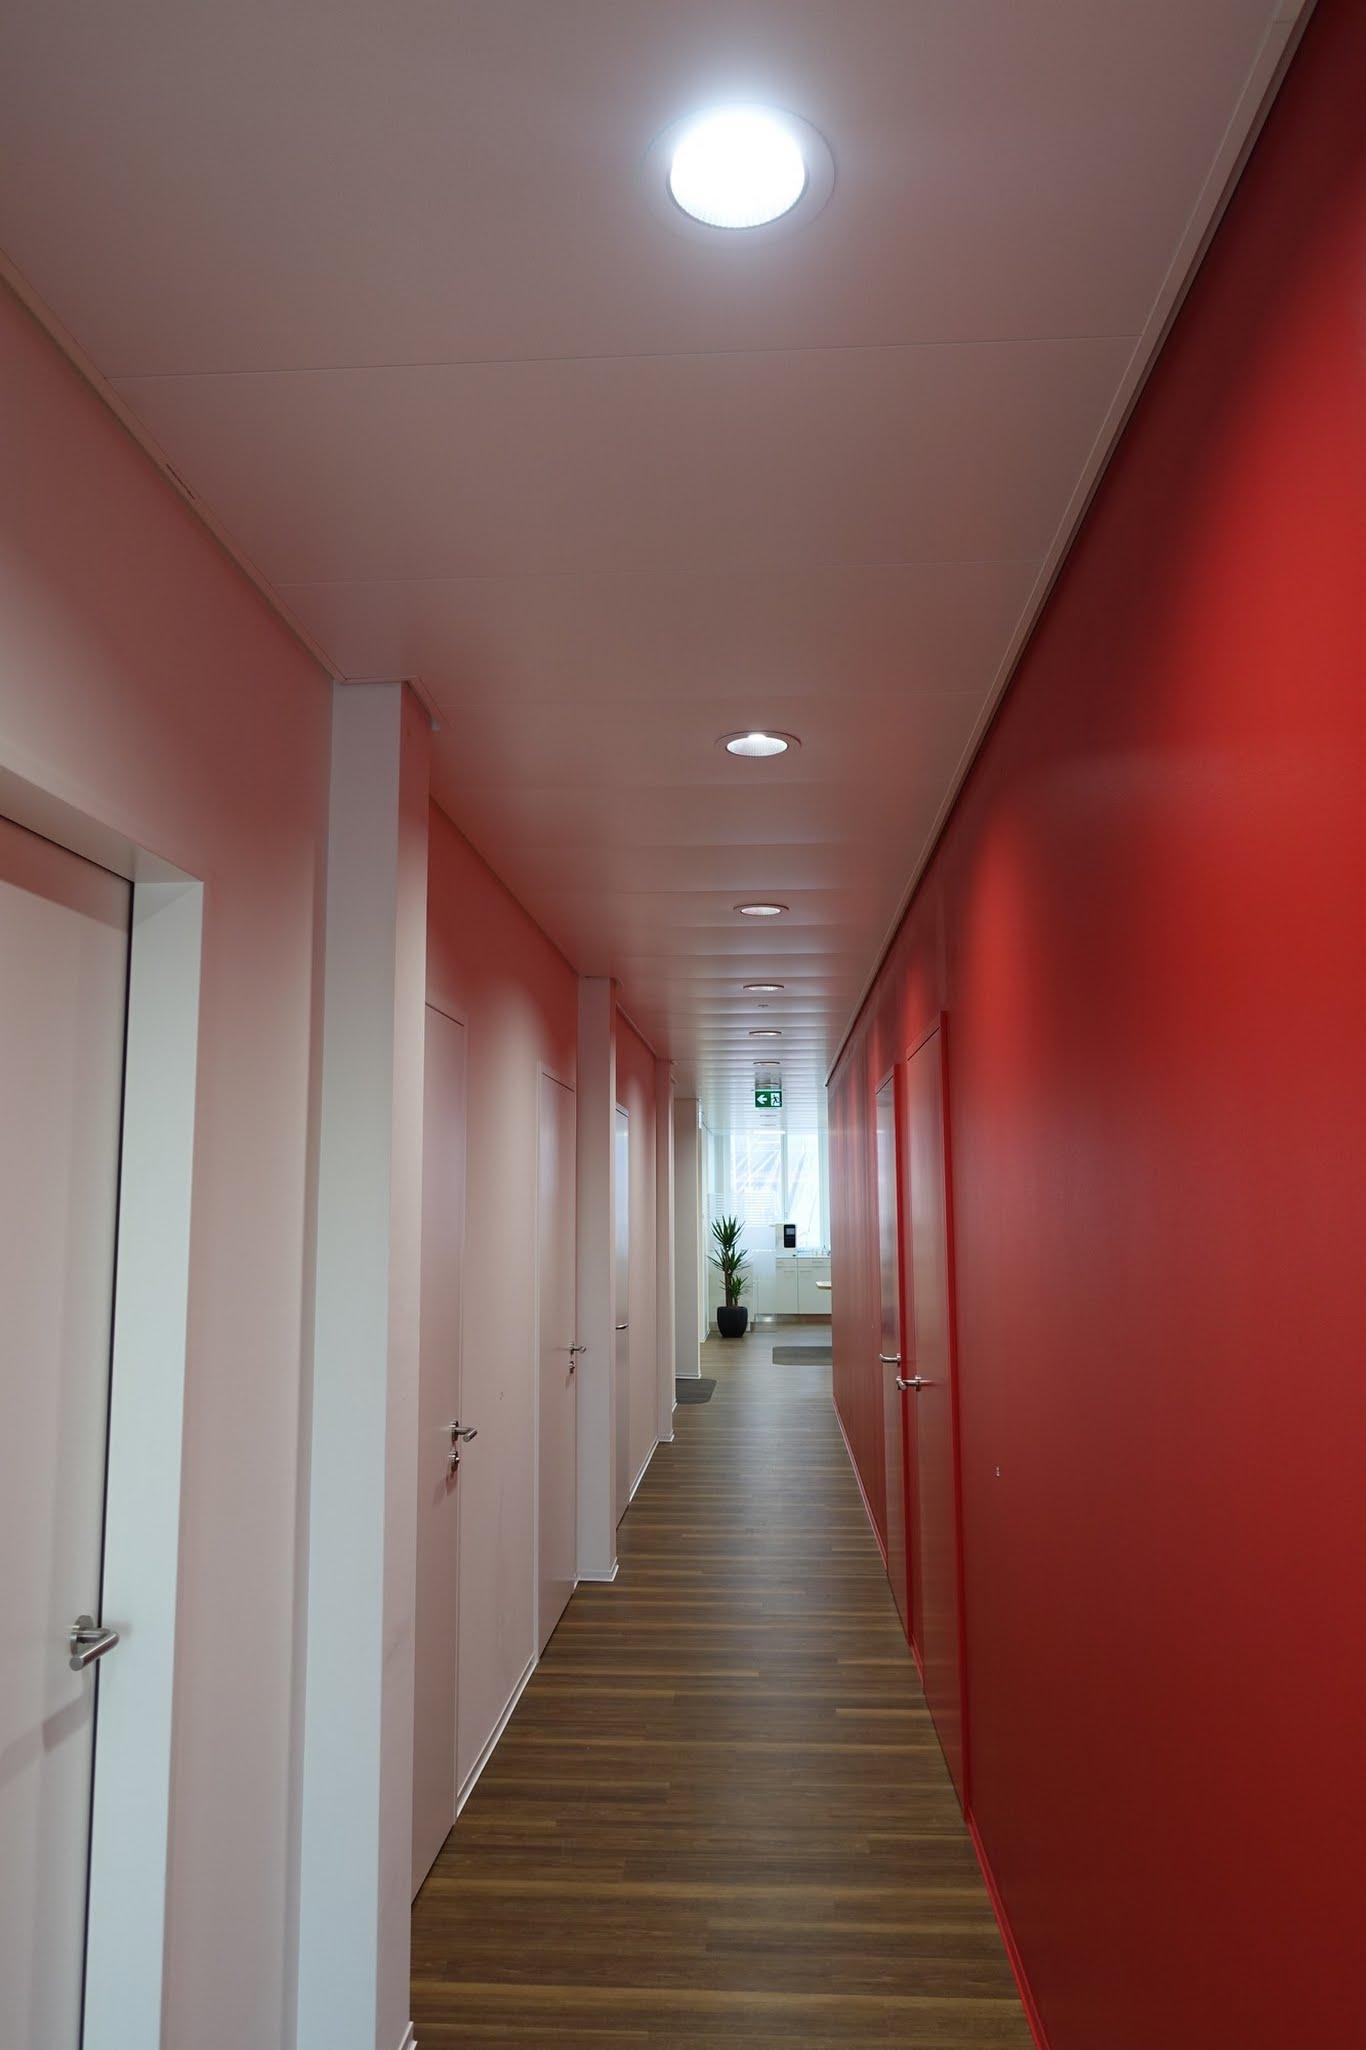 Deckenverkleidungen,Kühl/-Heizdecken,Metalldecken,Ärztezentrum zur Linde,Deckensystem-Wandsysteme,Trennwände Büro,Ganzglaswände,Bürotrennwand,Akustikdecken,Schallschutzdecken,Trennwände,Glaswände,Faltwände,Raumgestaltung,Trennwand Systeme